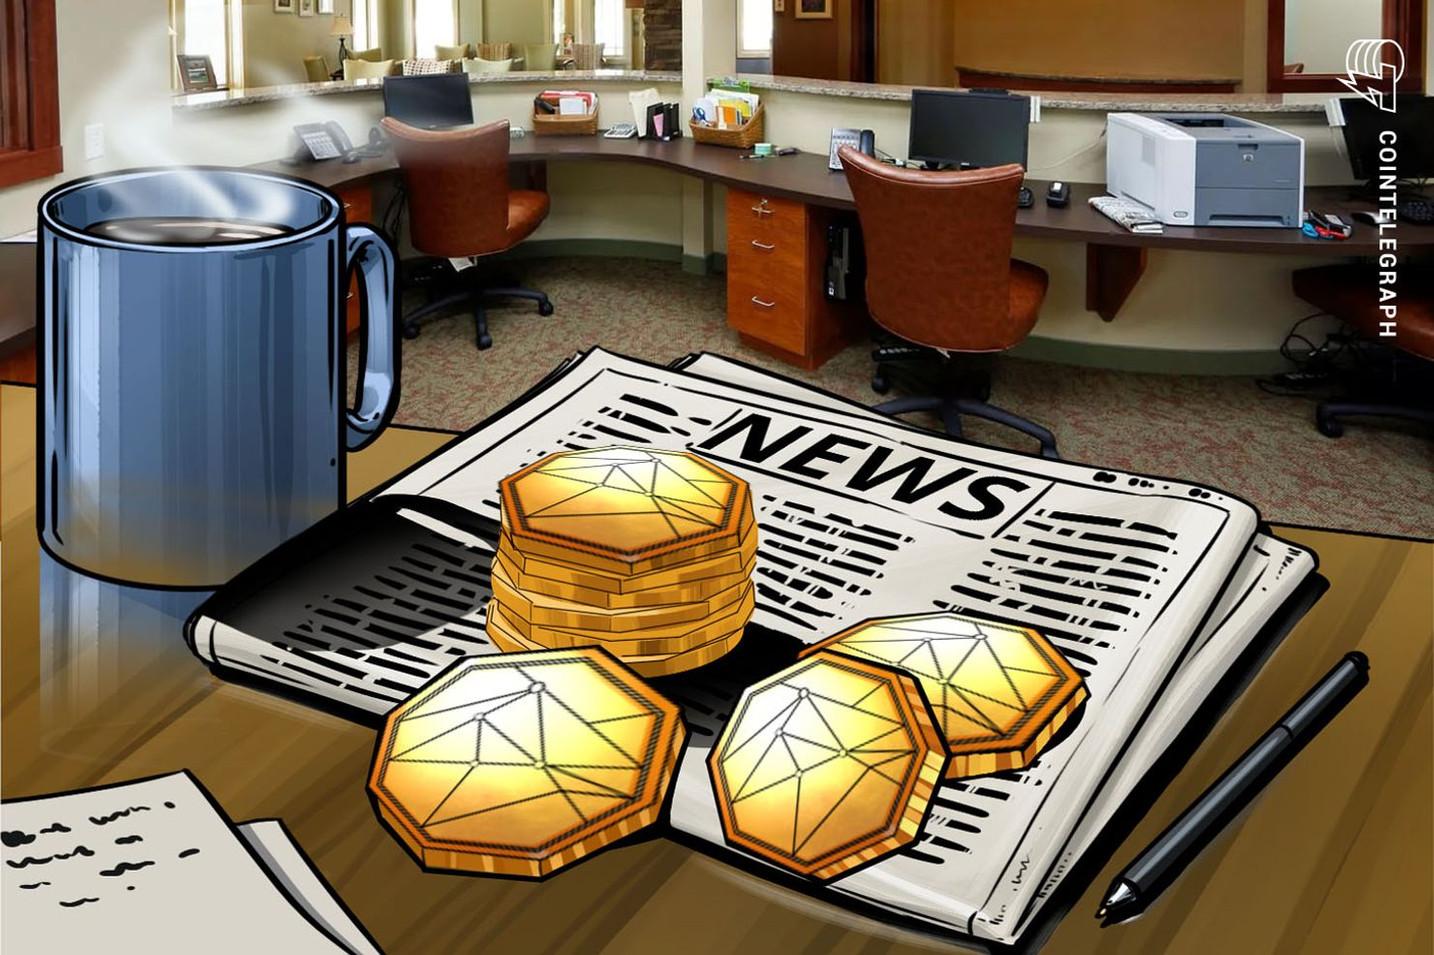 イーサリアムのヴィタリック、ライバル仮想通貨EOSの欠陥を指摘